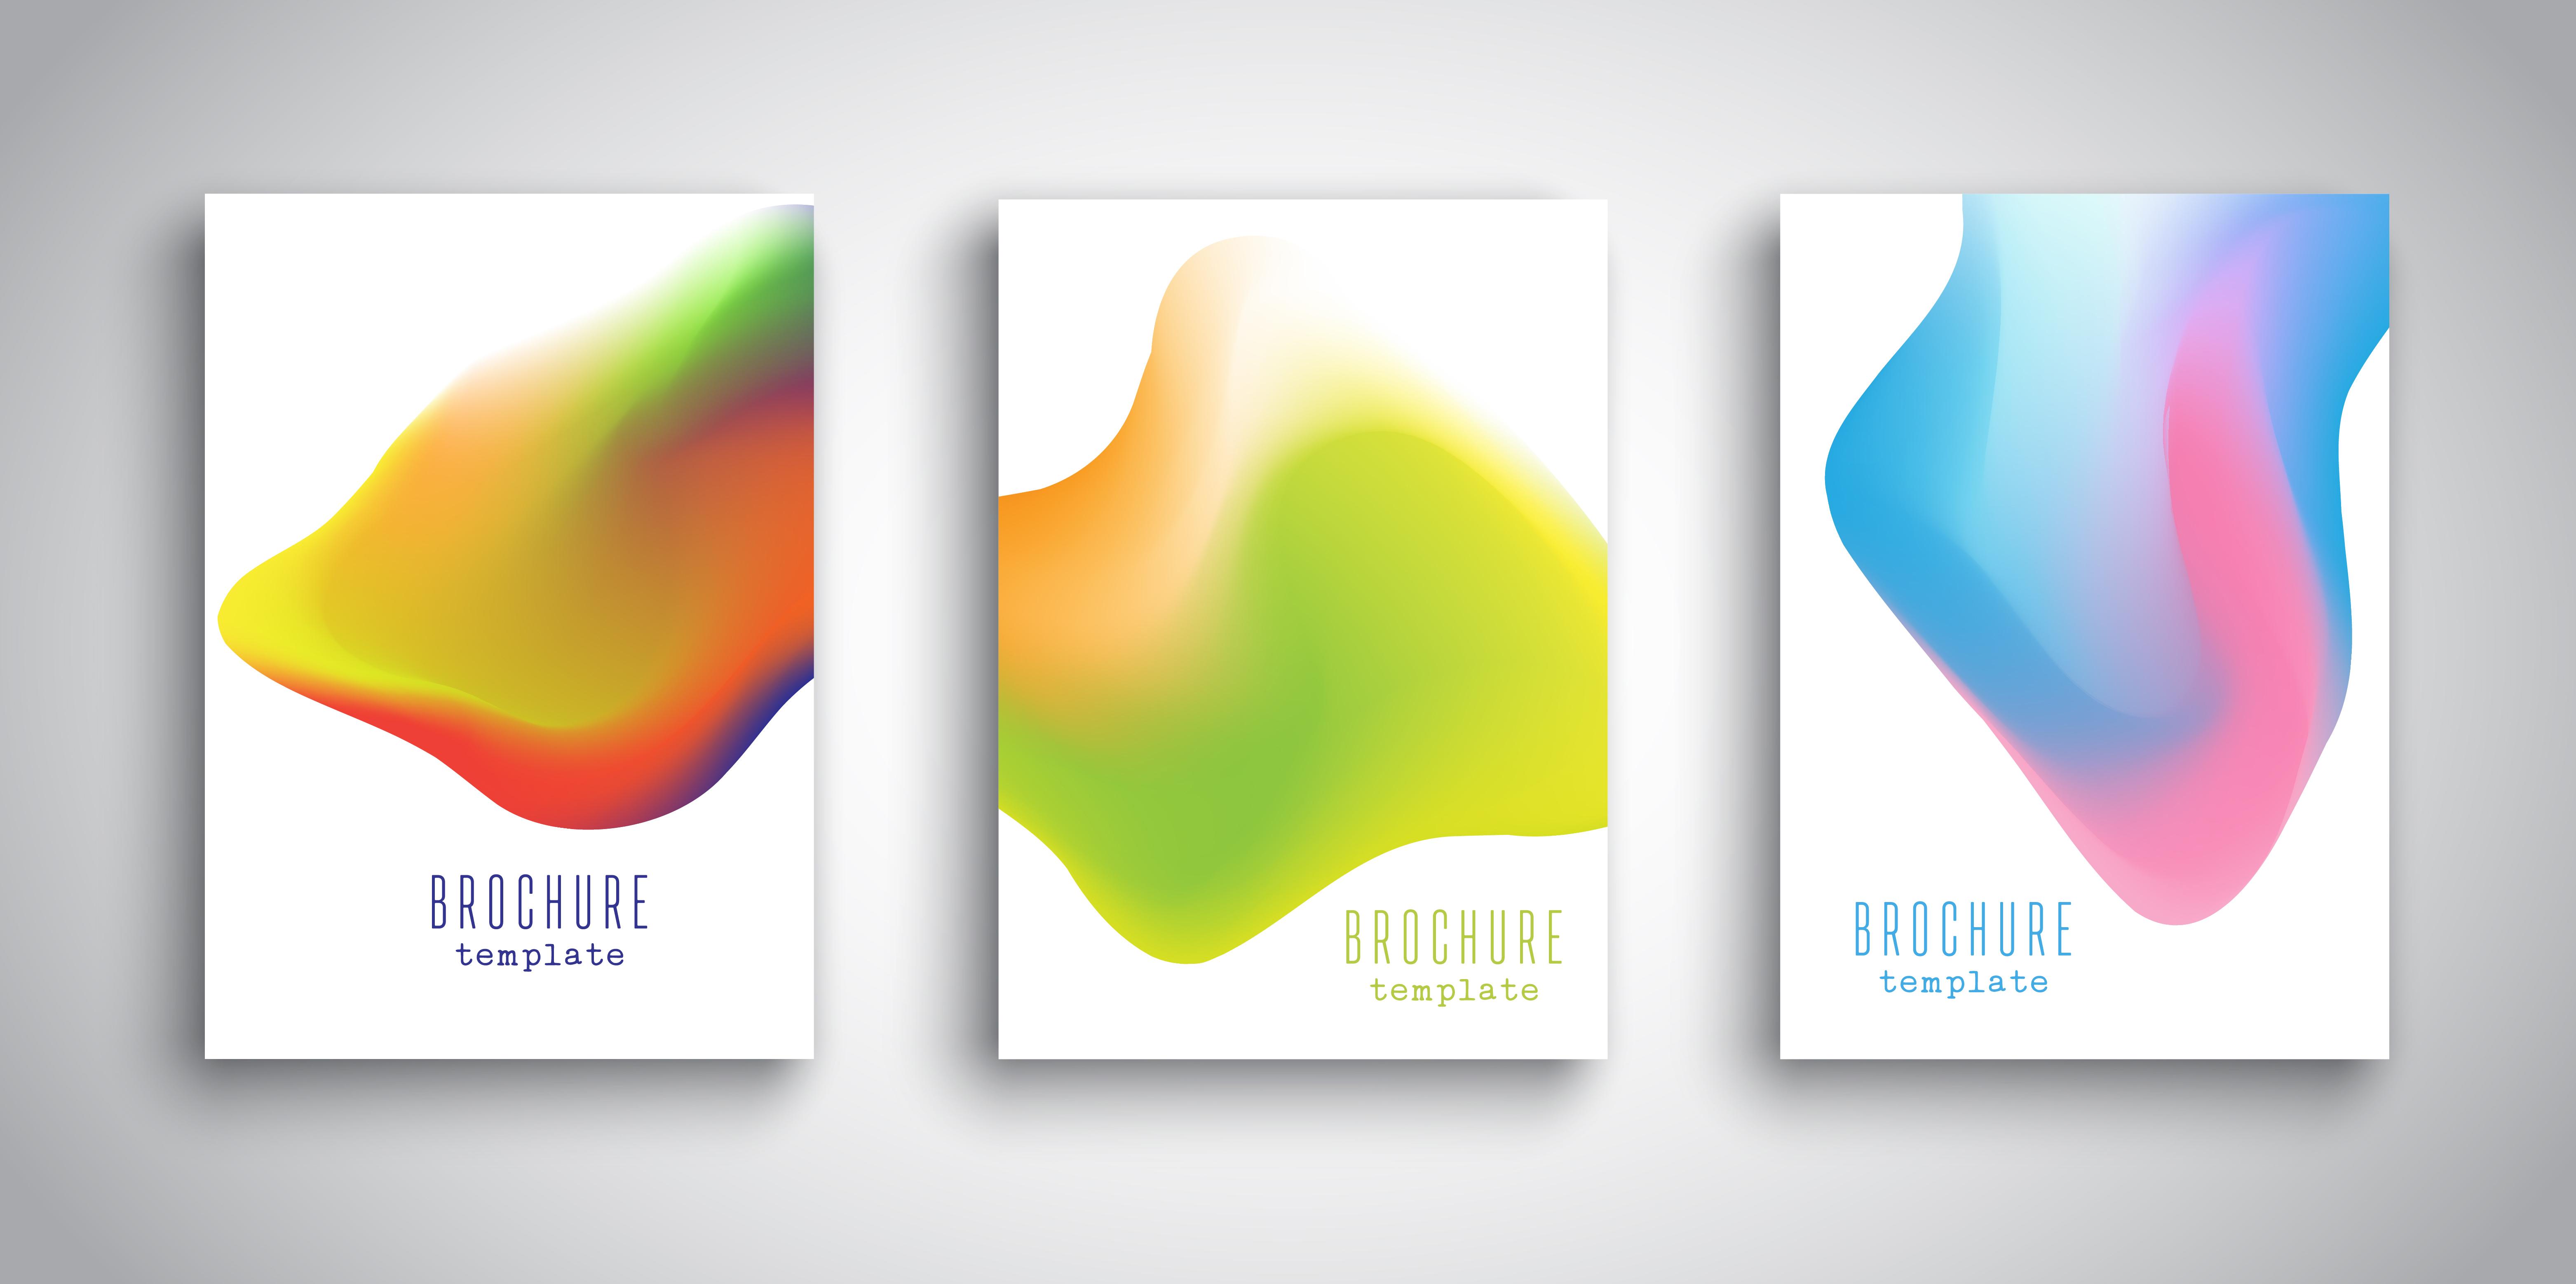 3d Brochure Free Vector Art 7727 Free Downloads